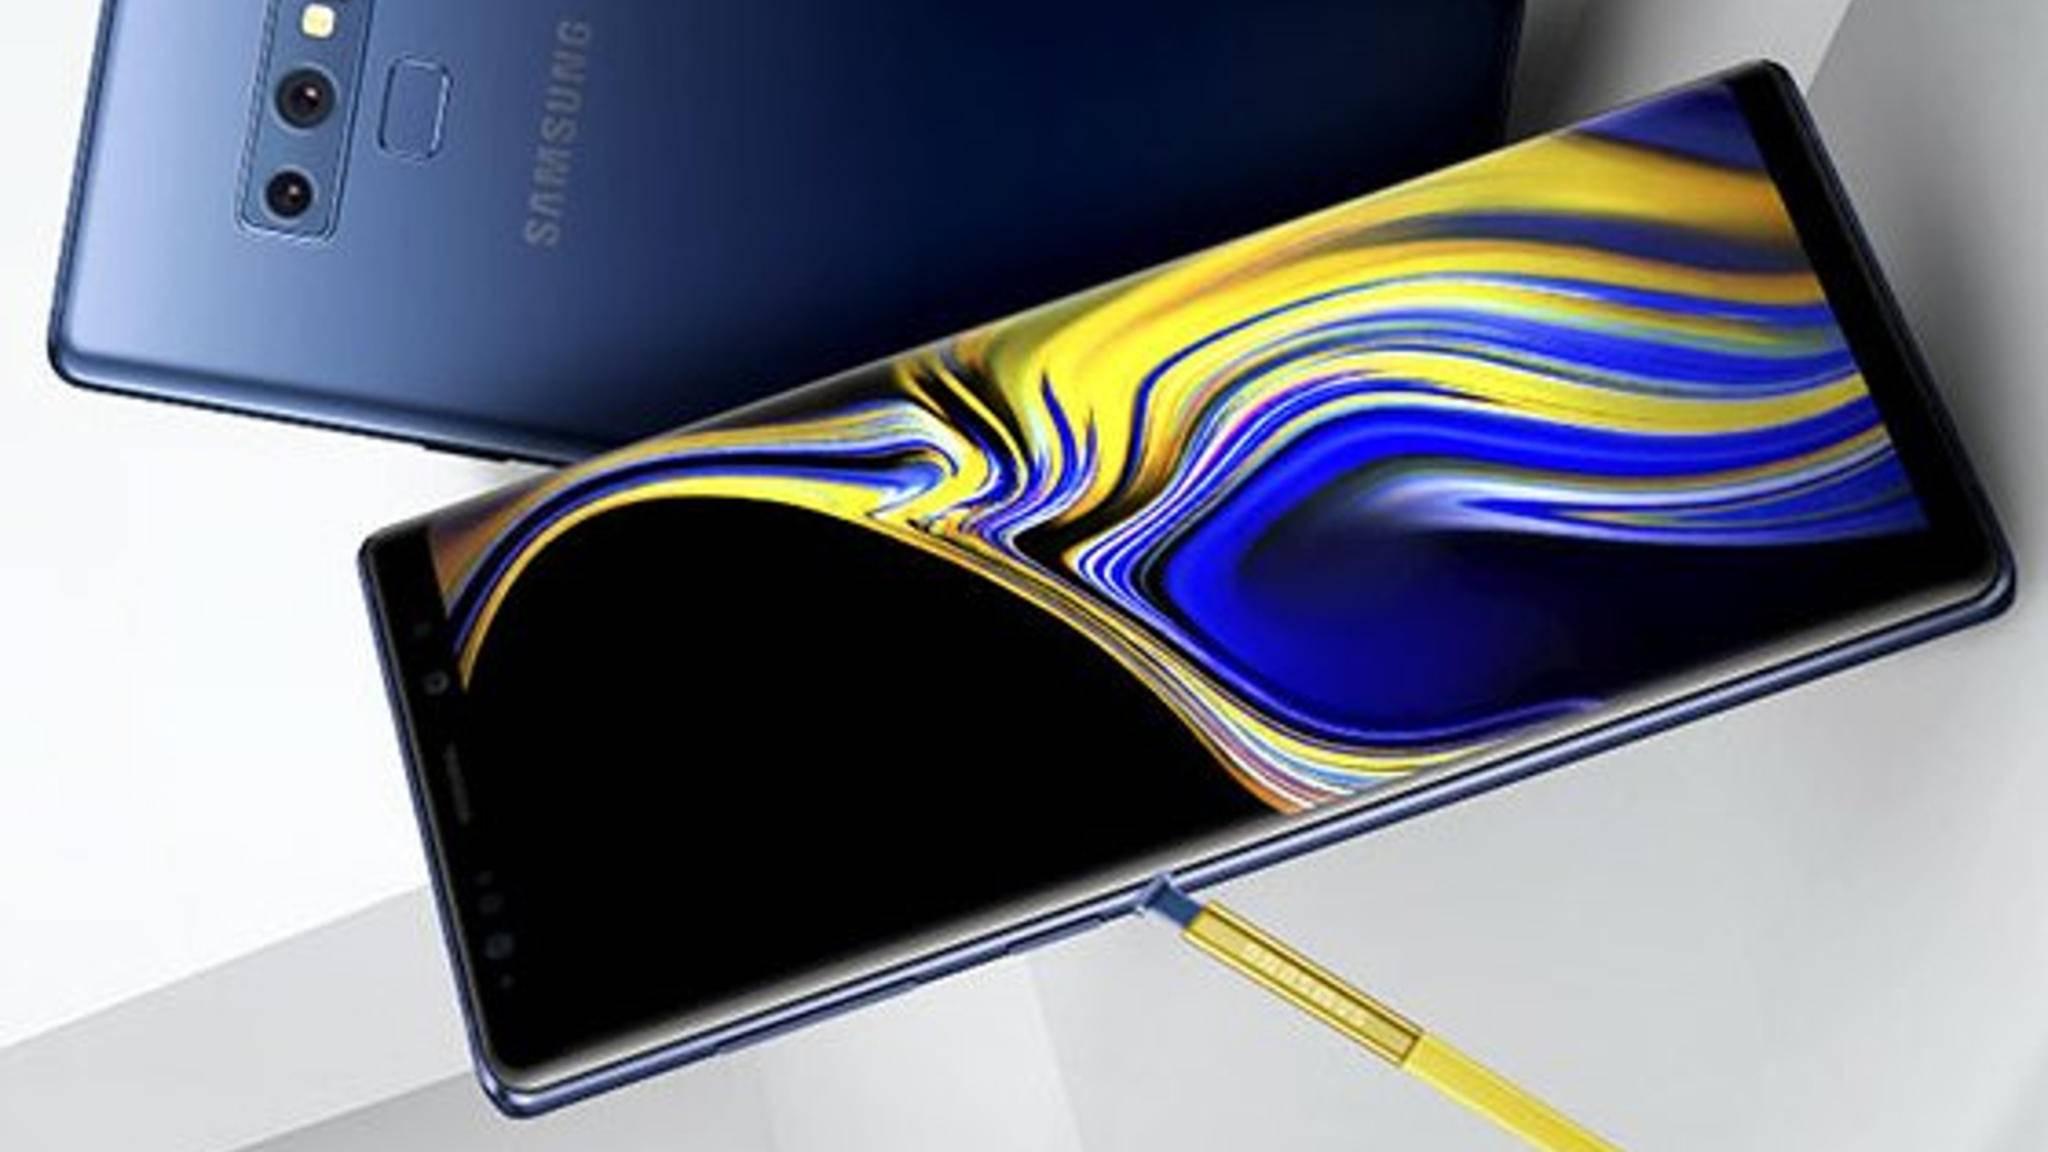 Das Galaxy Note 9 sieht dem Vorgänger sehr ähnlich.